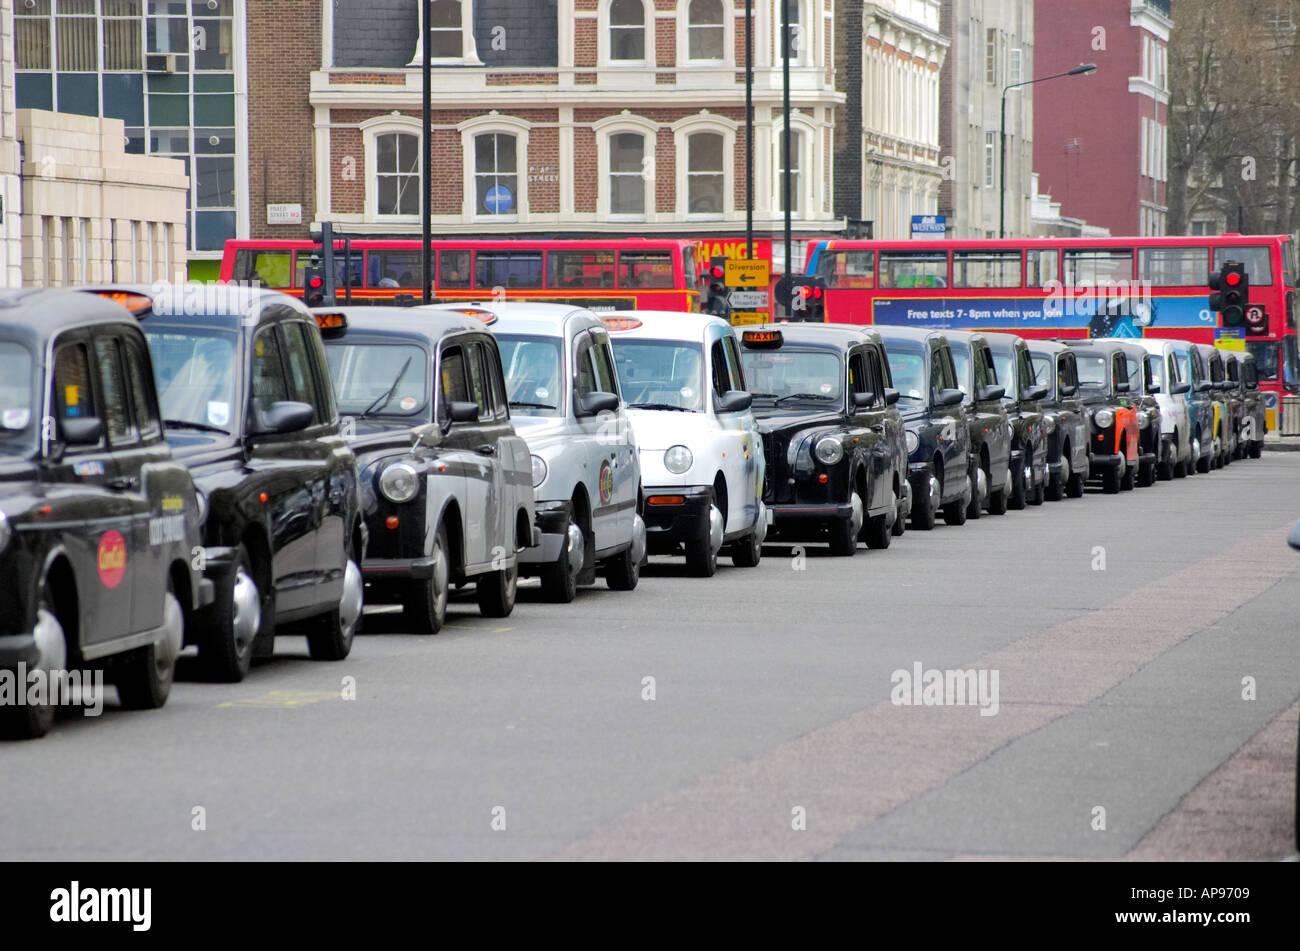 Londres taxi negro taxis Los taxis con licencia Imagen De Stock